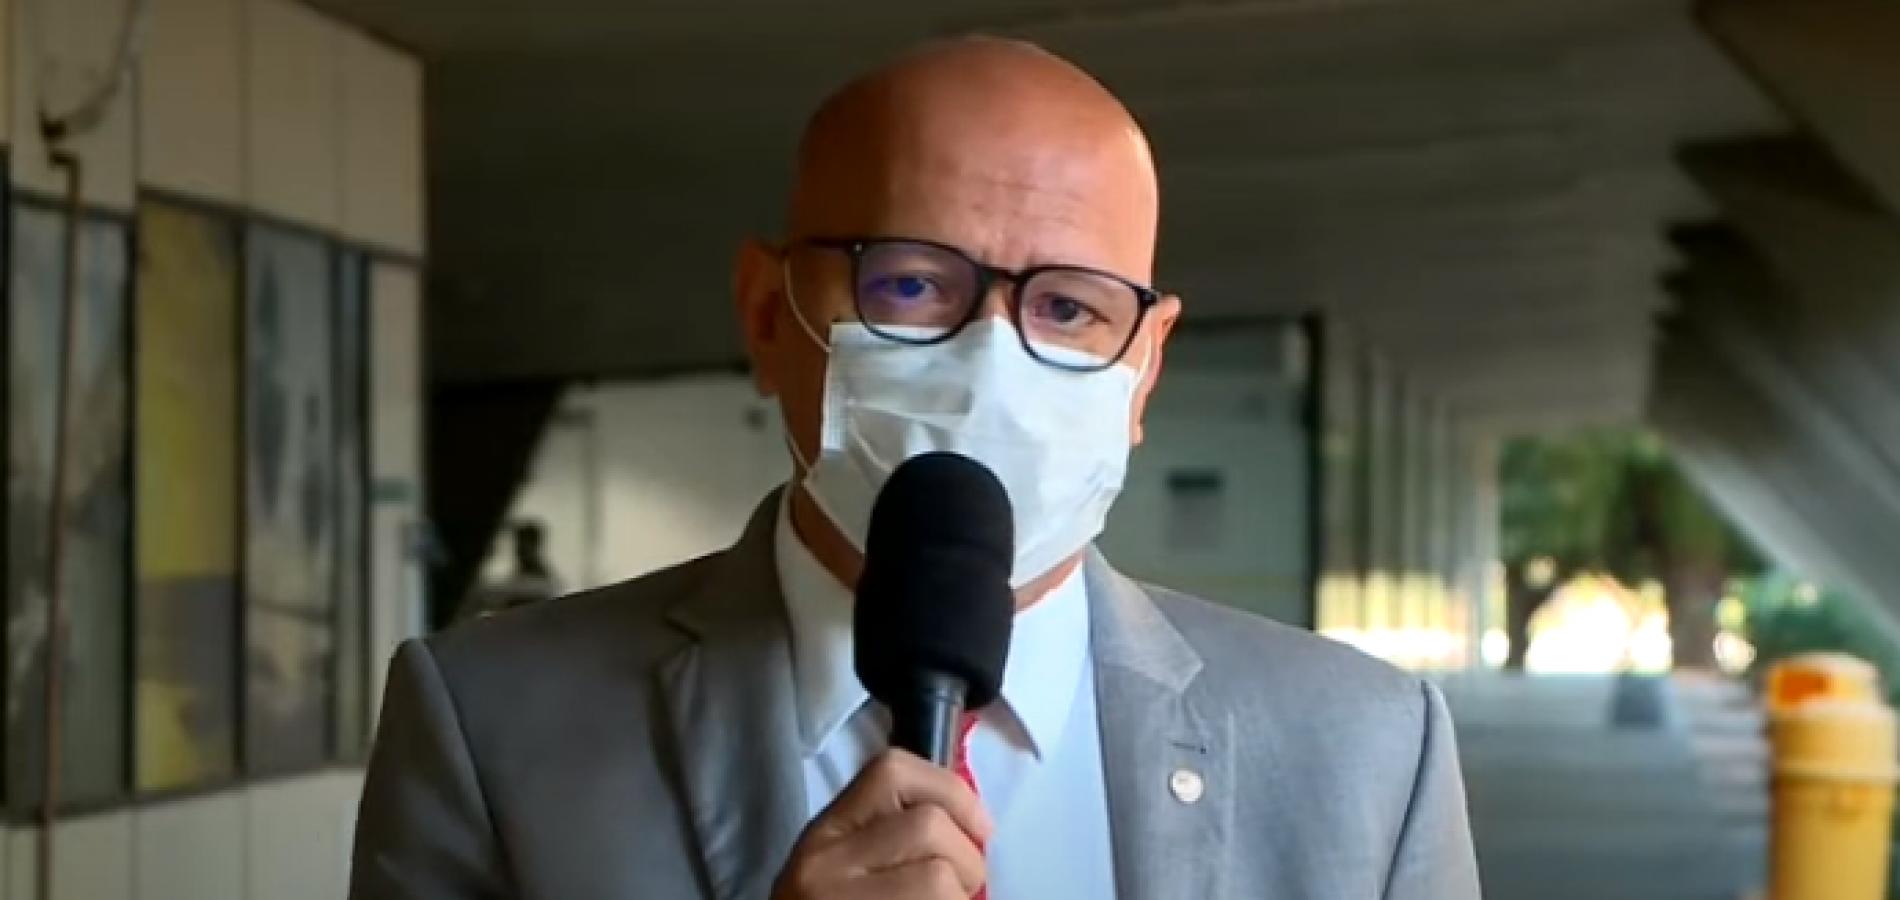 Aposentadoria de servidores no Piauí tem LRF como um dos entraves